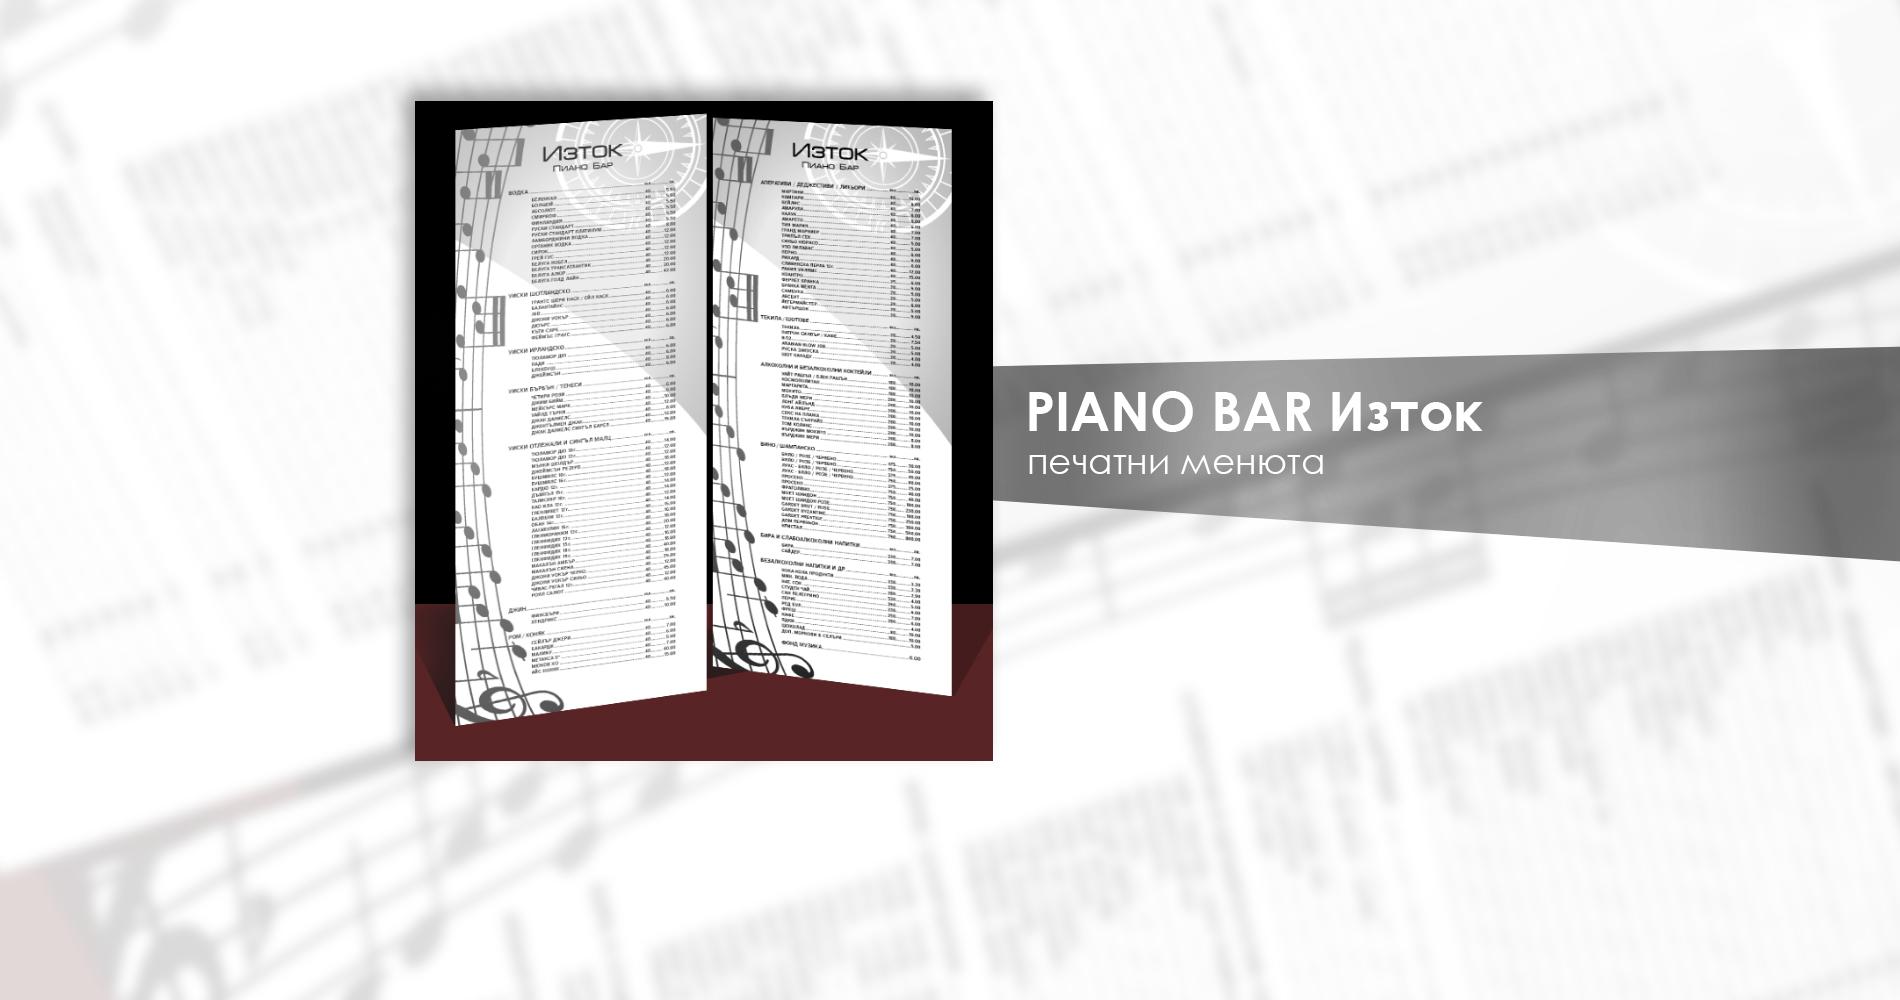 pianobariztok